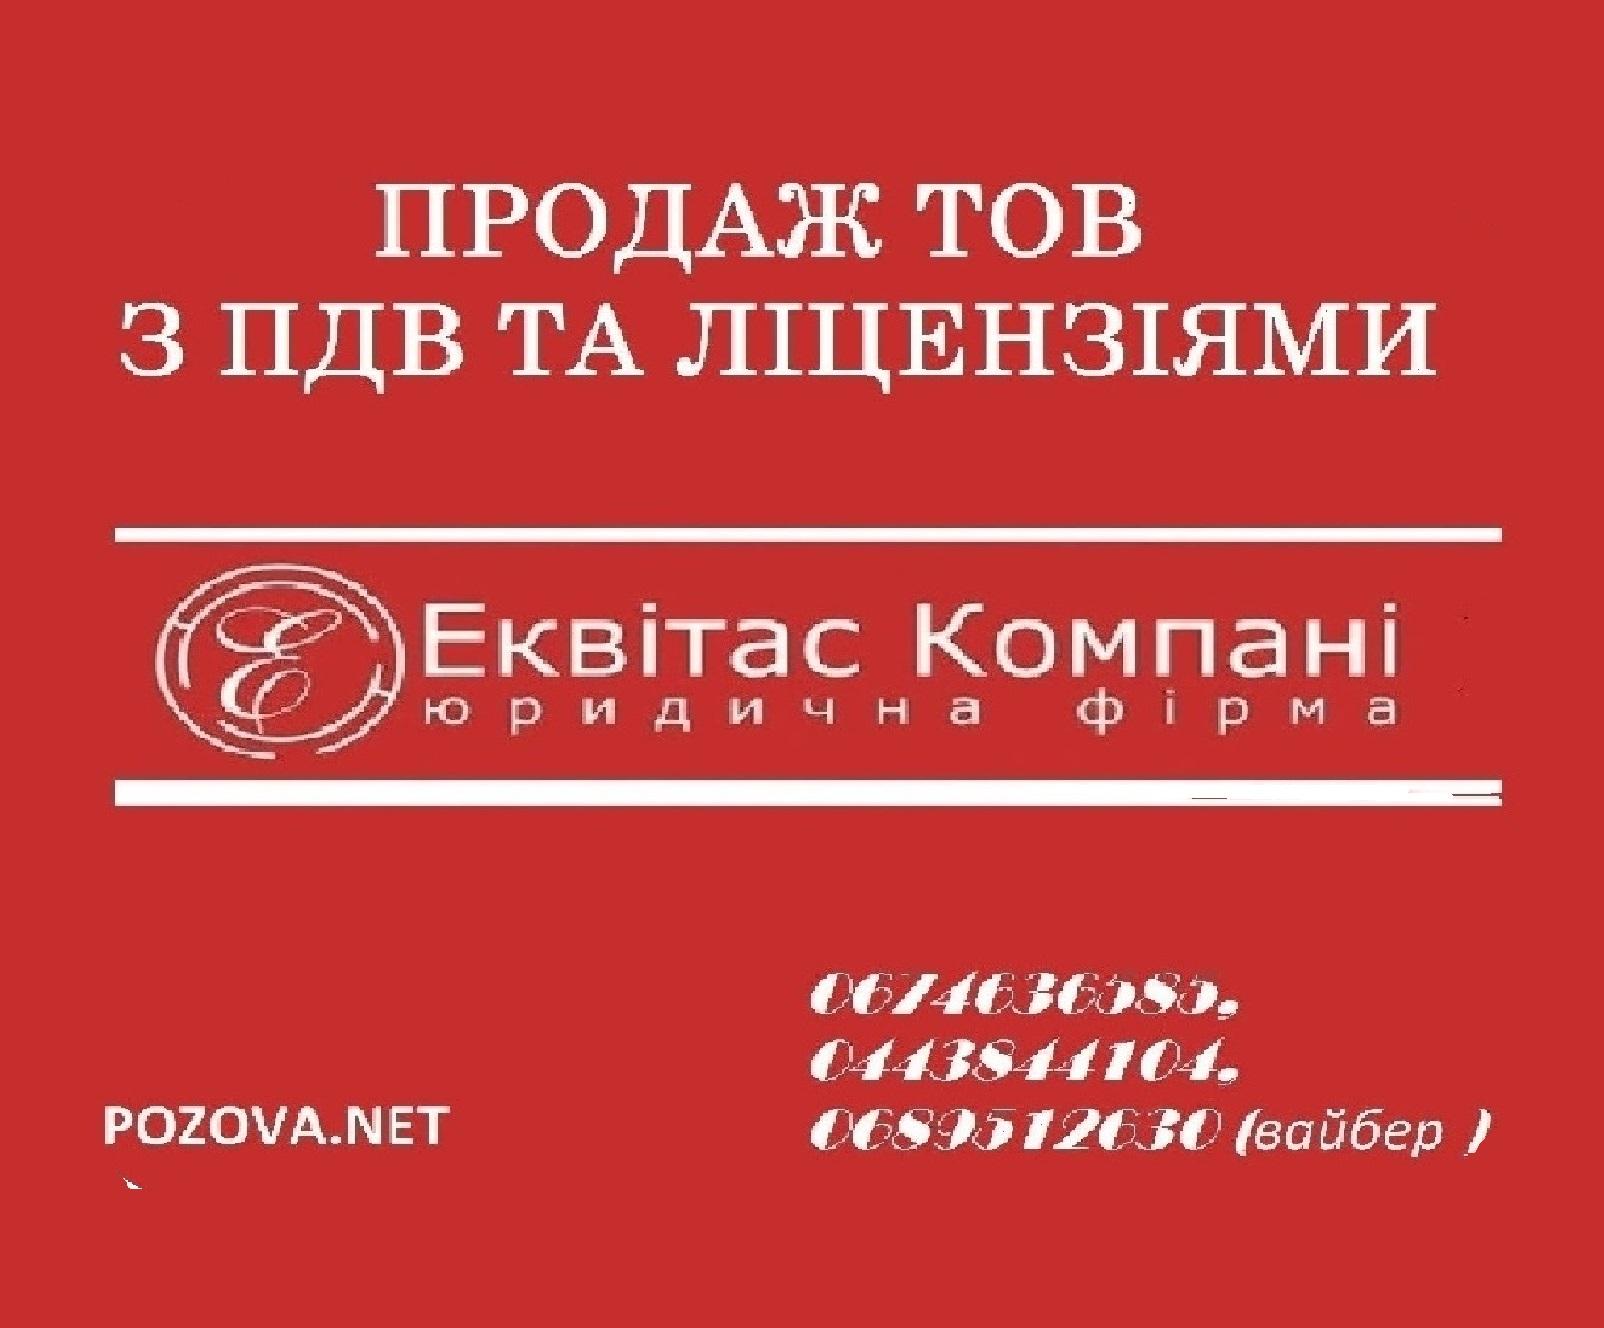 Купить фирму с НДС Киев. ООО с НДС в Киеве купить